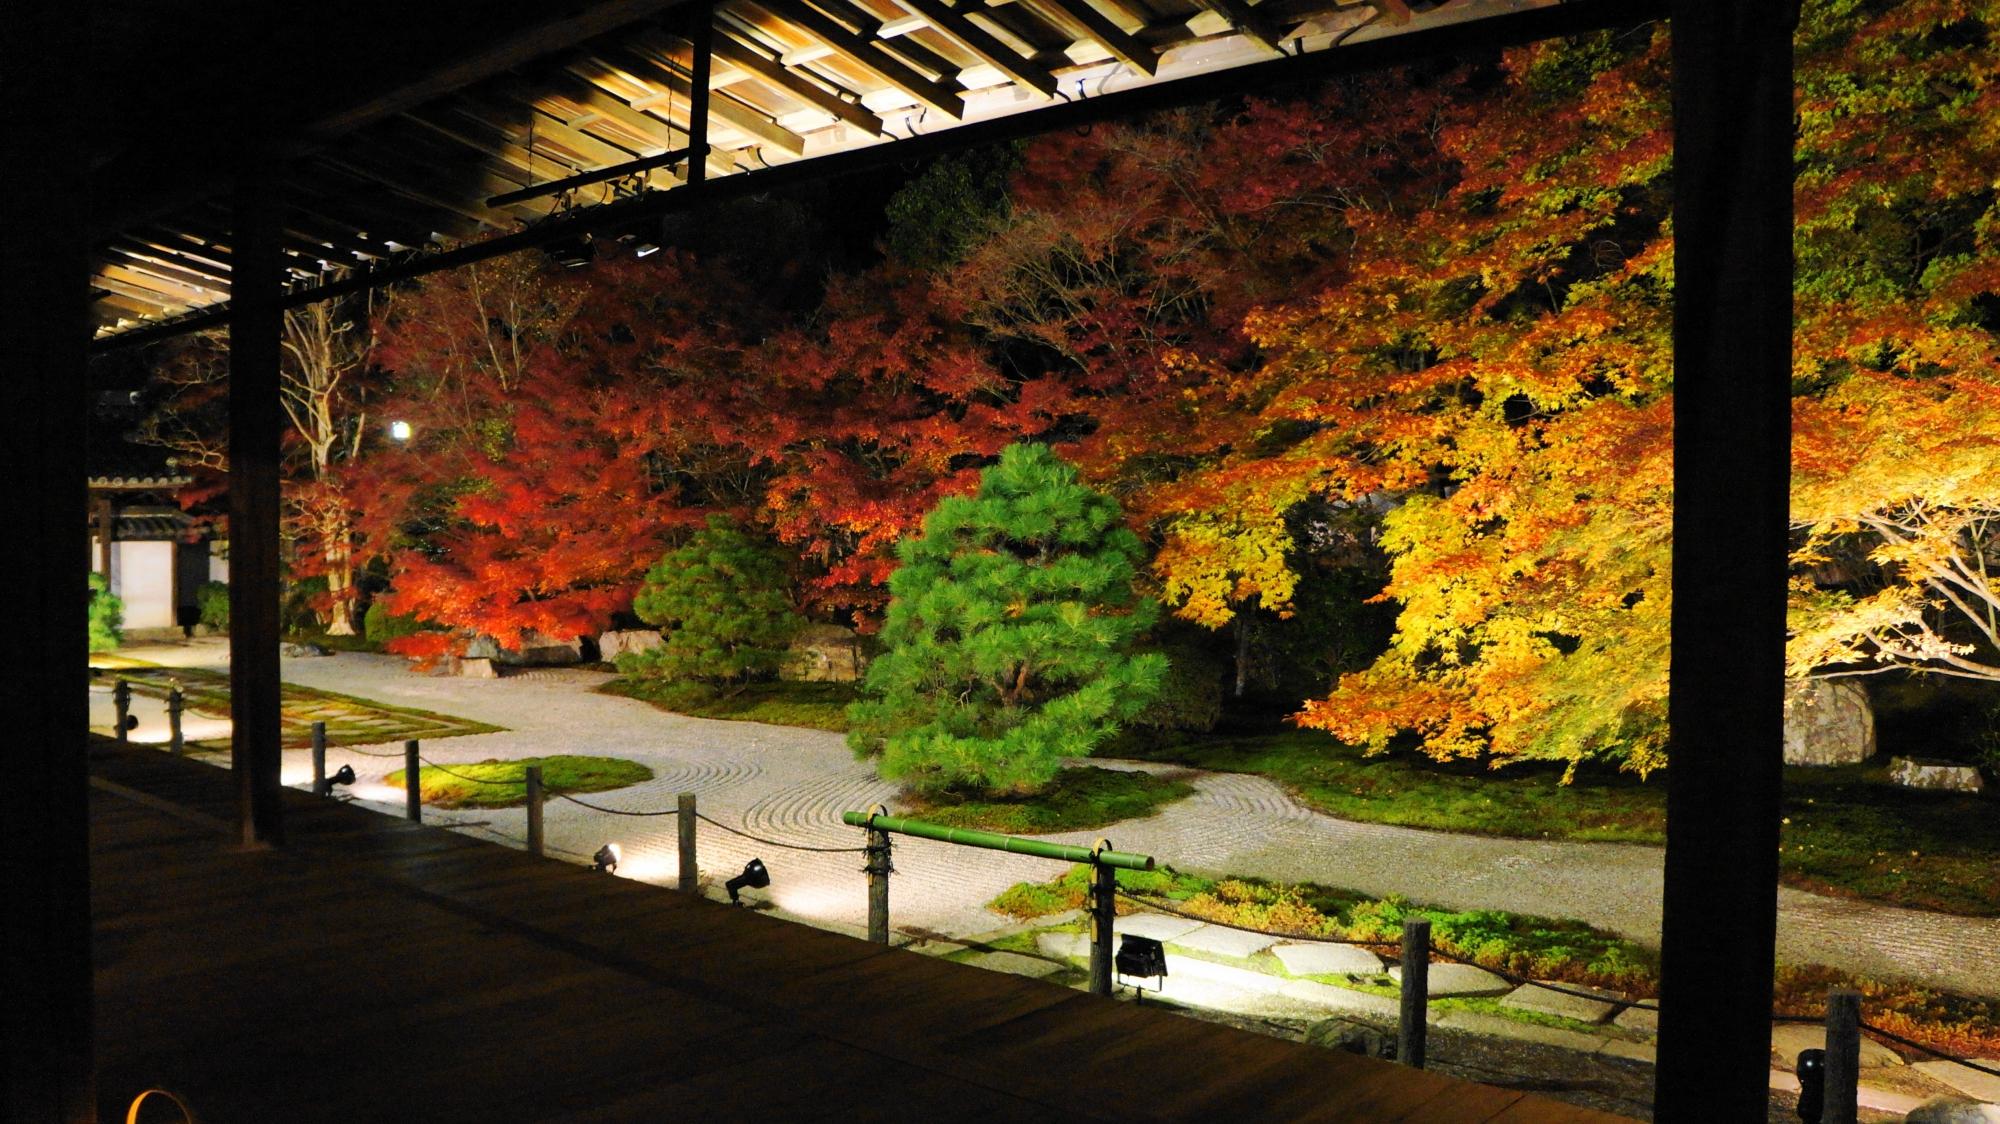 天寿庵の同時に静けさも伝わってくる夜を華やぐ圧巻の紅葉